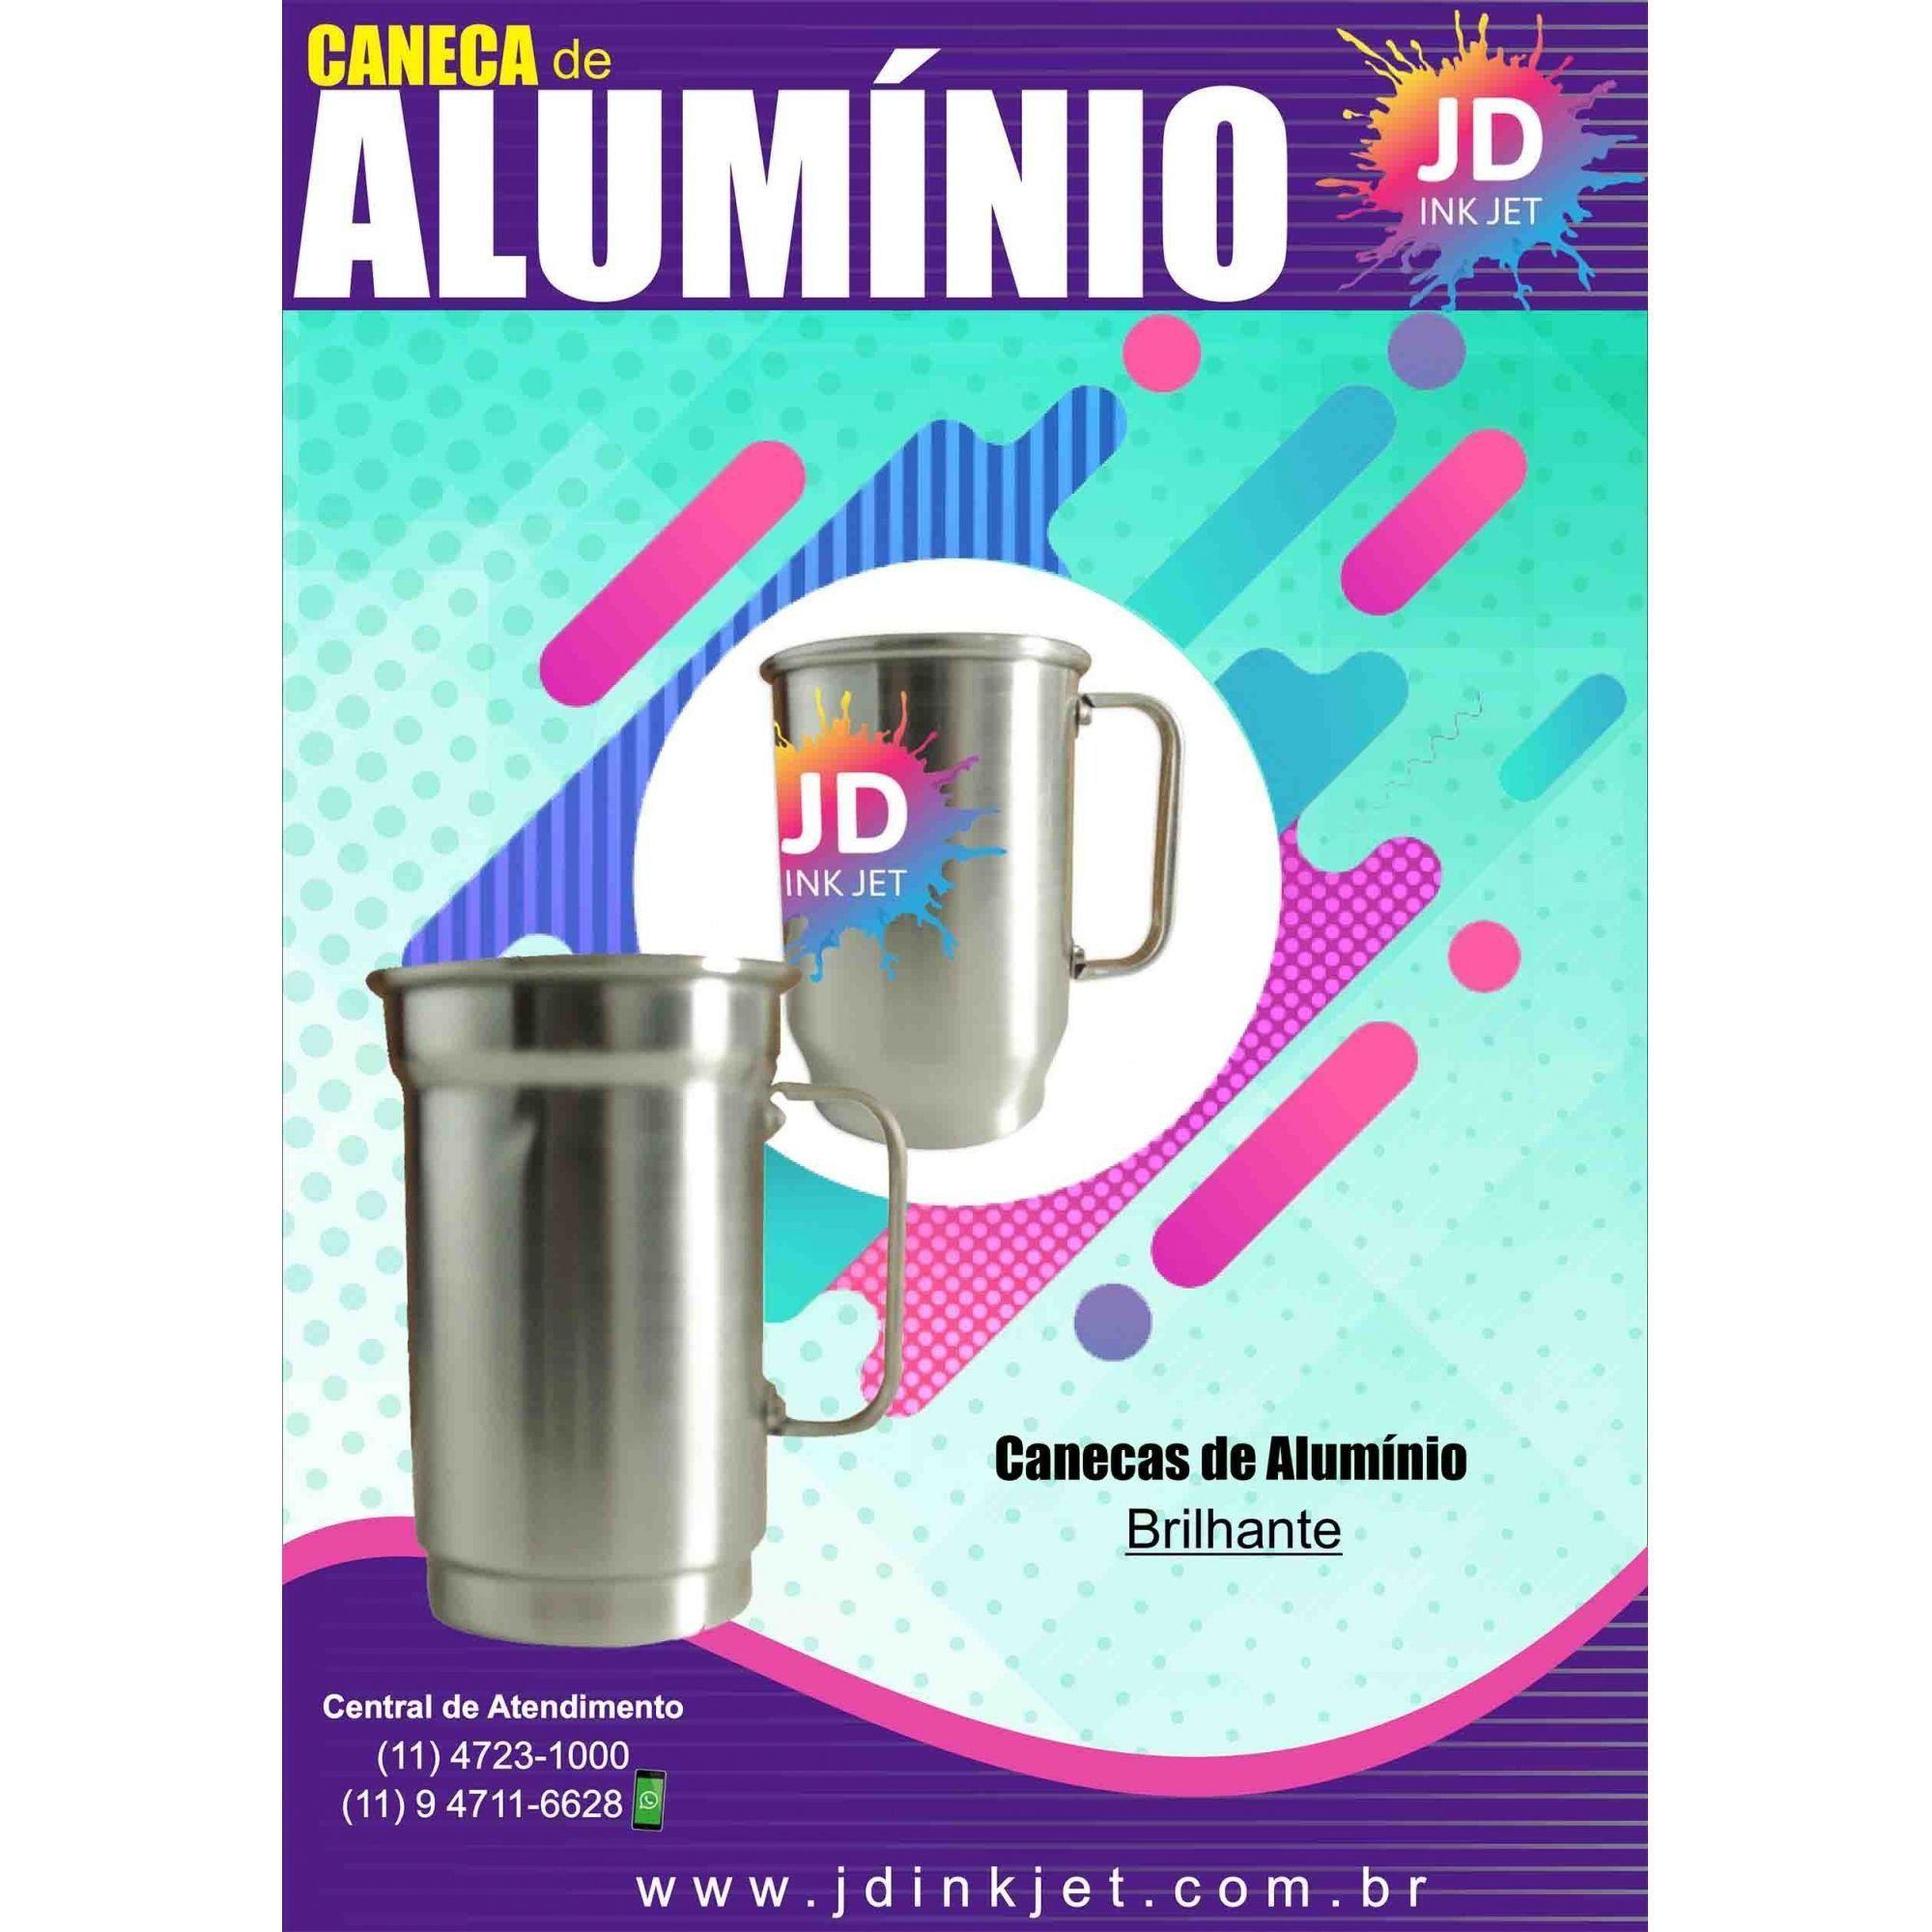 Caneca de Alumínio 650ml Brilhante